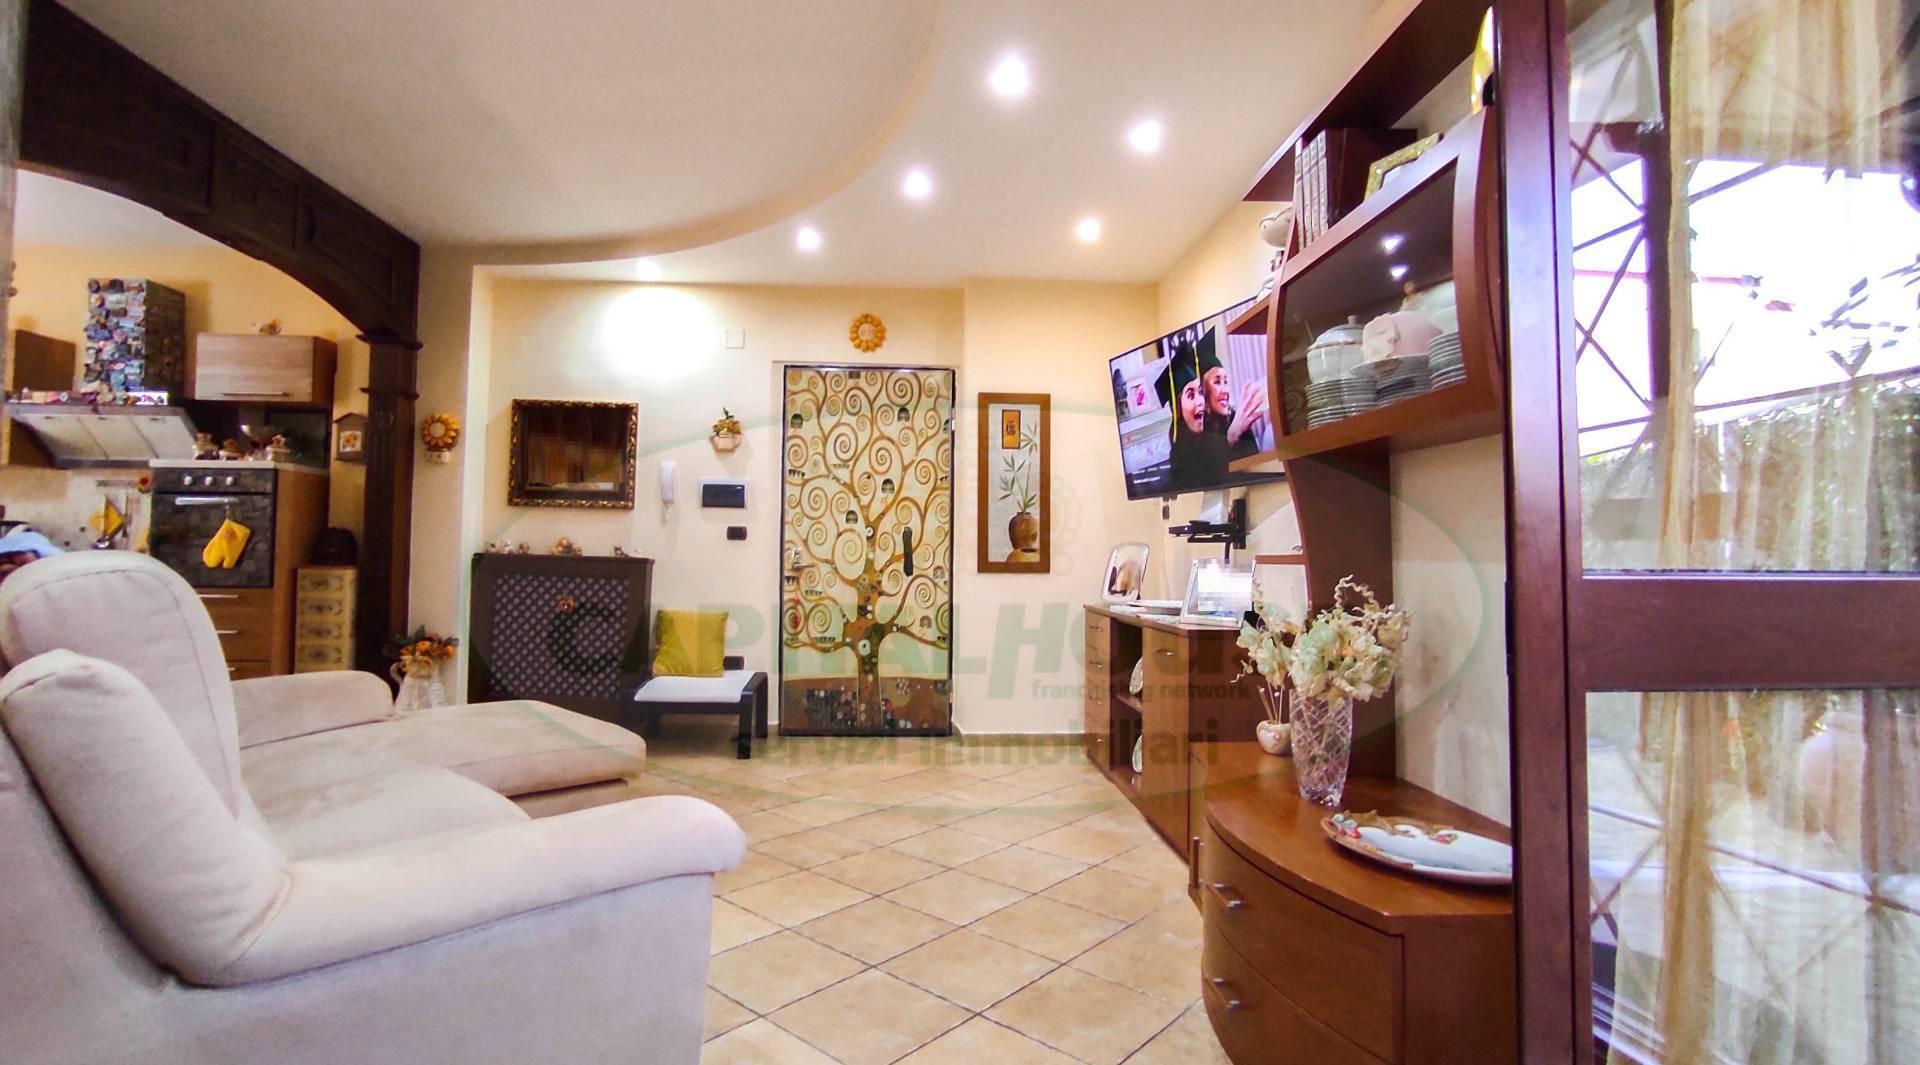 Appartamento in vendita a Capua, 4 locali, prezzo € 155.000 | PortaleAgenzieImmobiliari.it